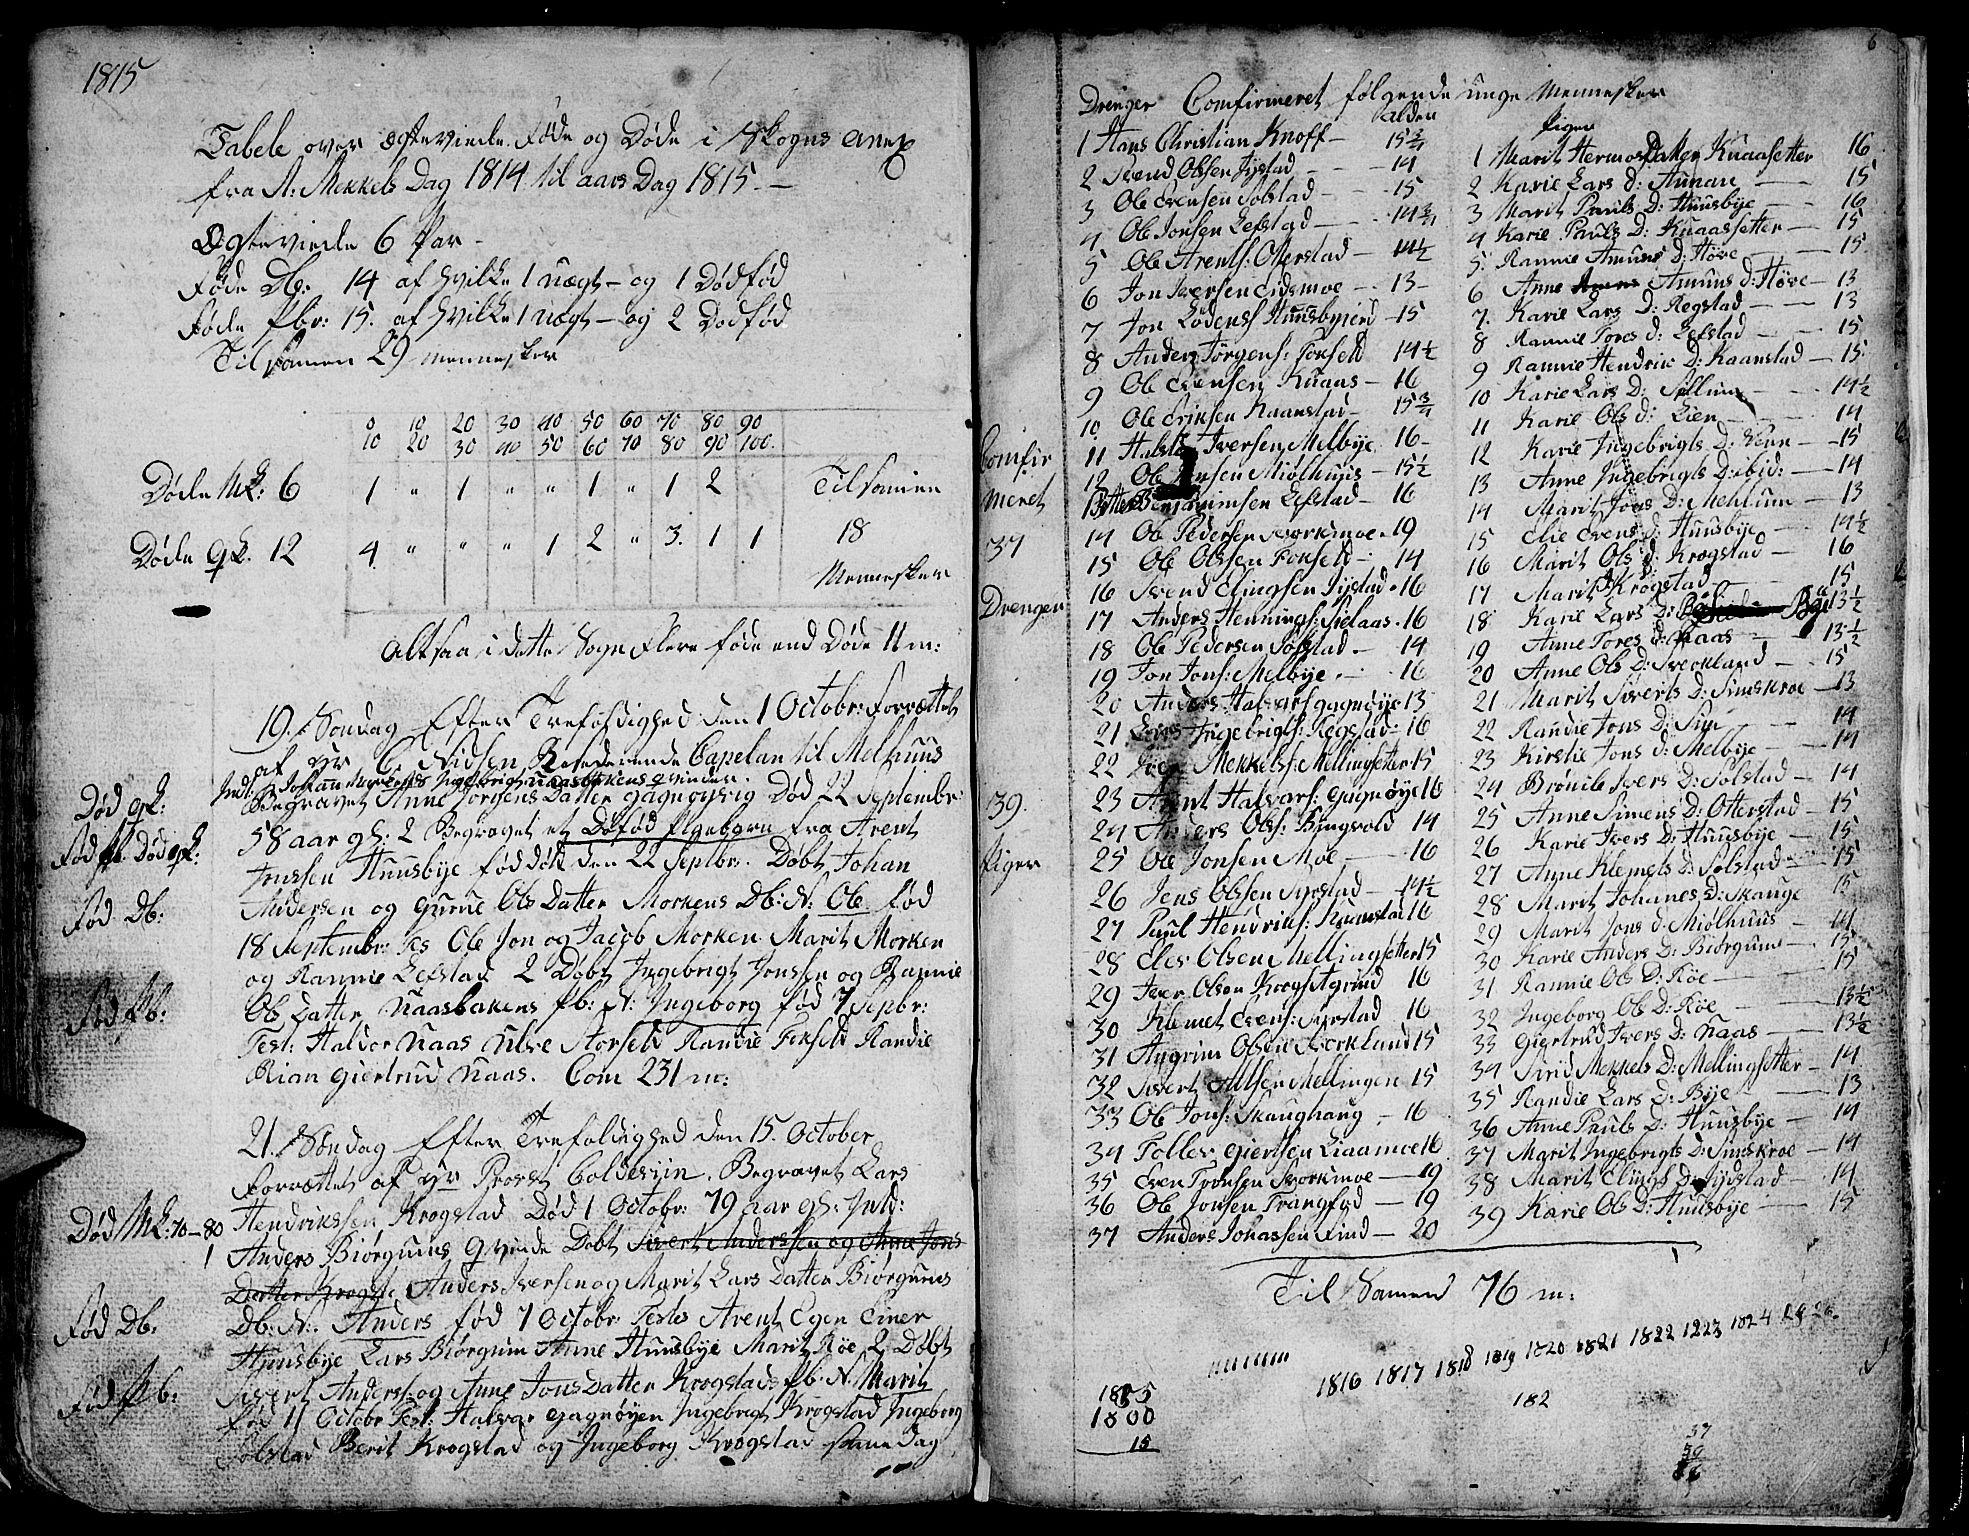 SAT, Ministerialprotokoller, klokkerbøker og fødselsregistre - Sør-Trøndelag, 667/L0794: Parish register (official) no. 667A02, 1791-1816